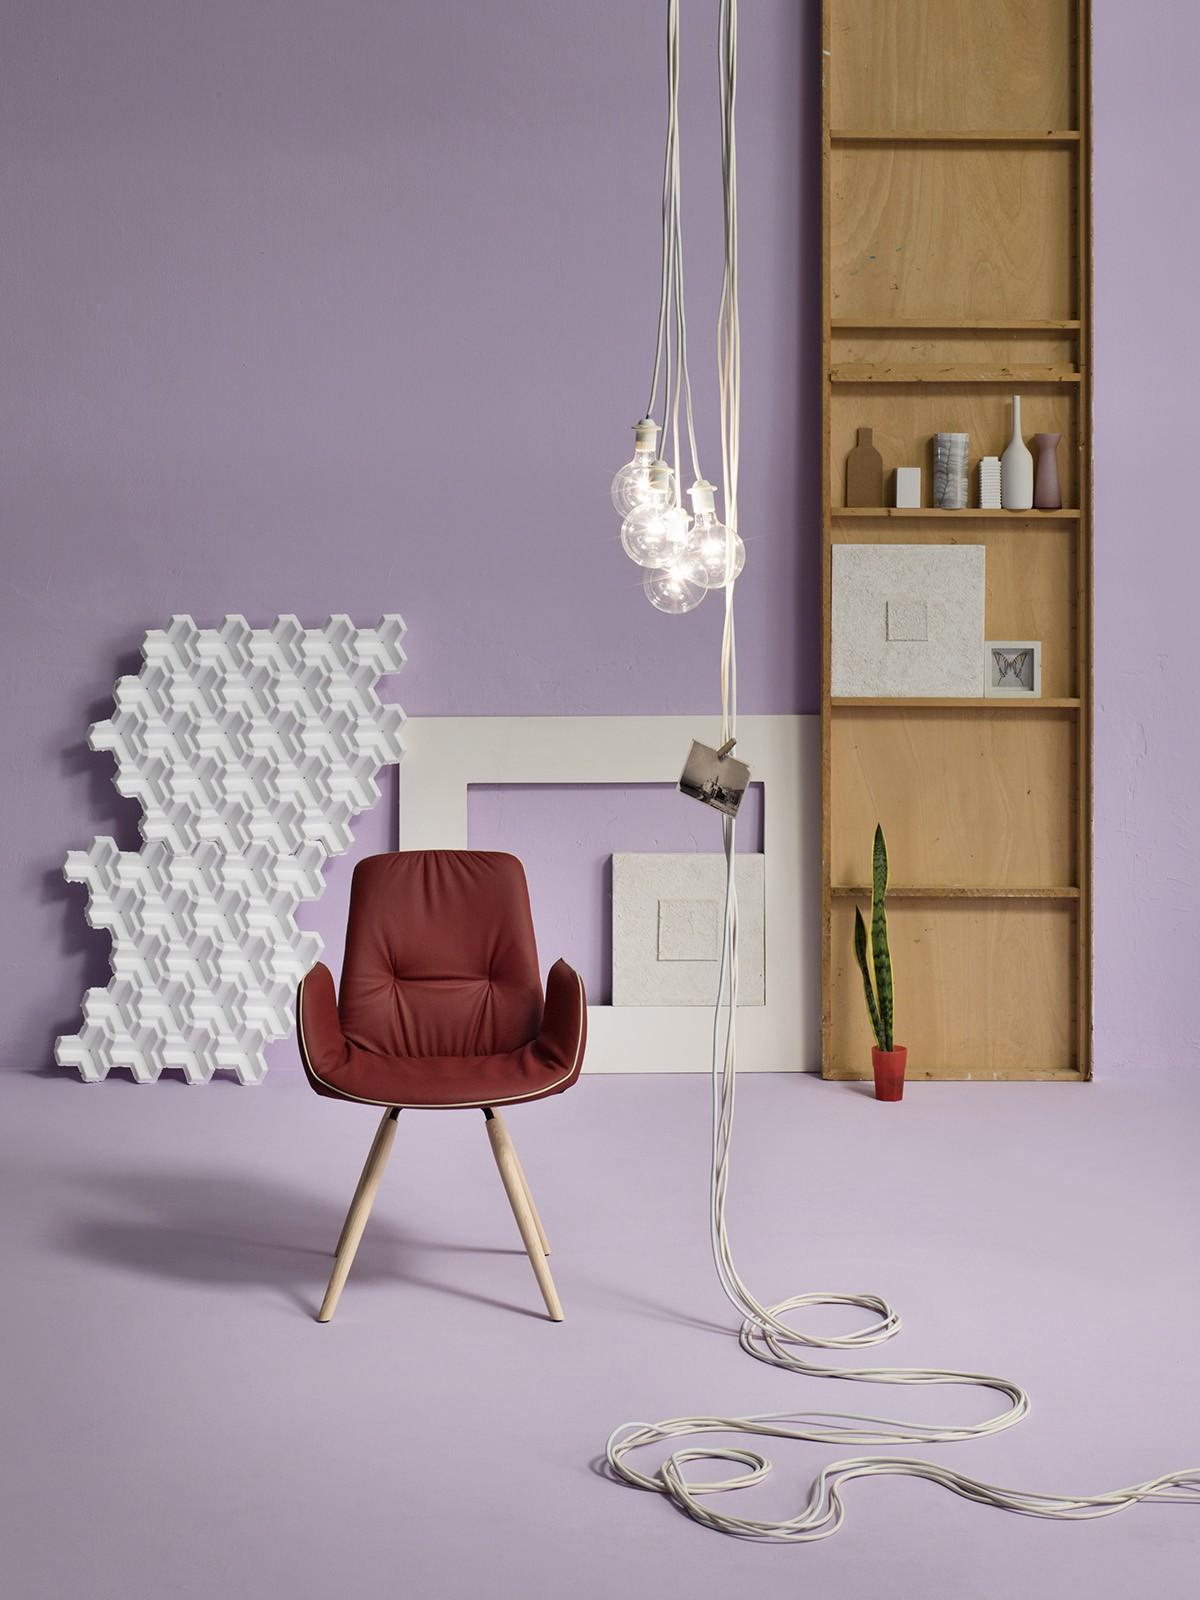 ©Varianti per Eforma - ambientazione e styling nuova collezione